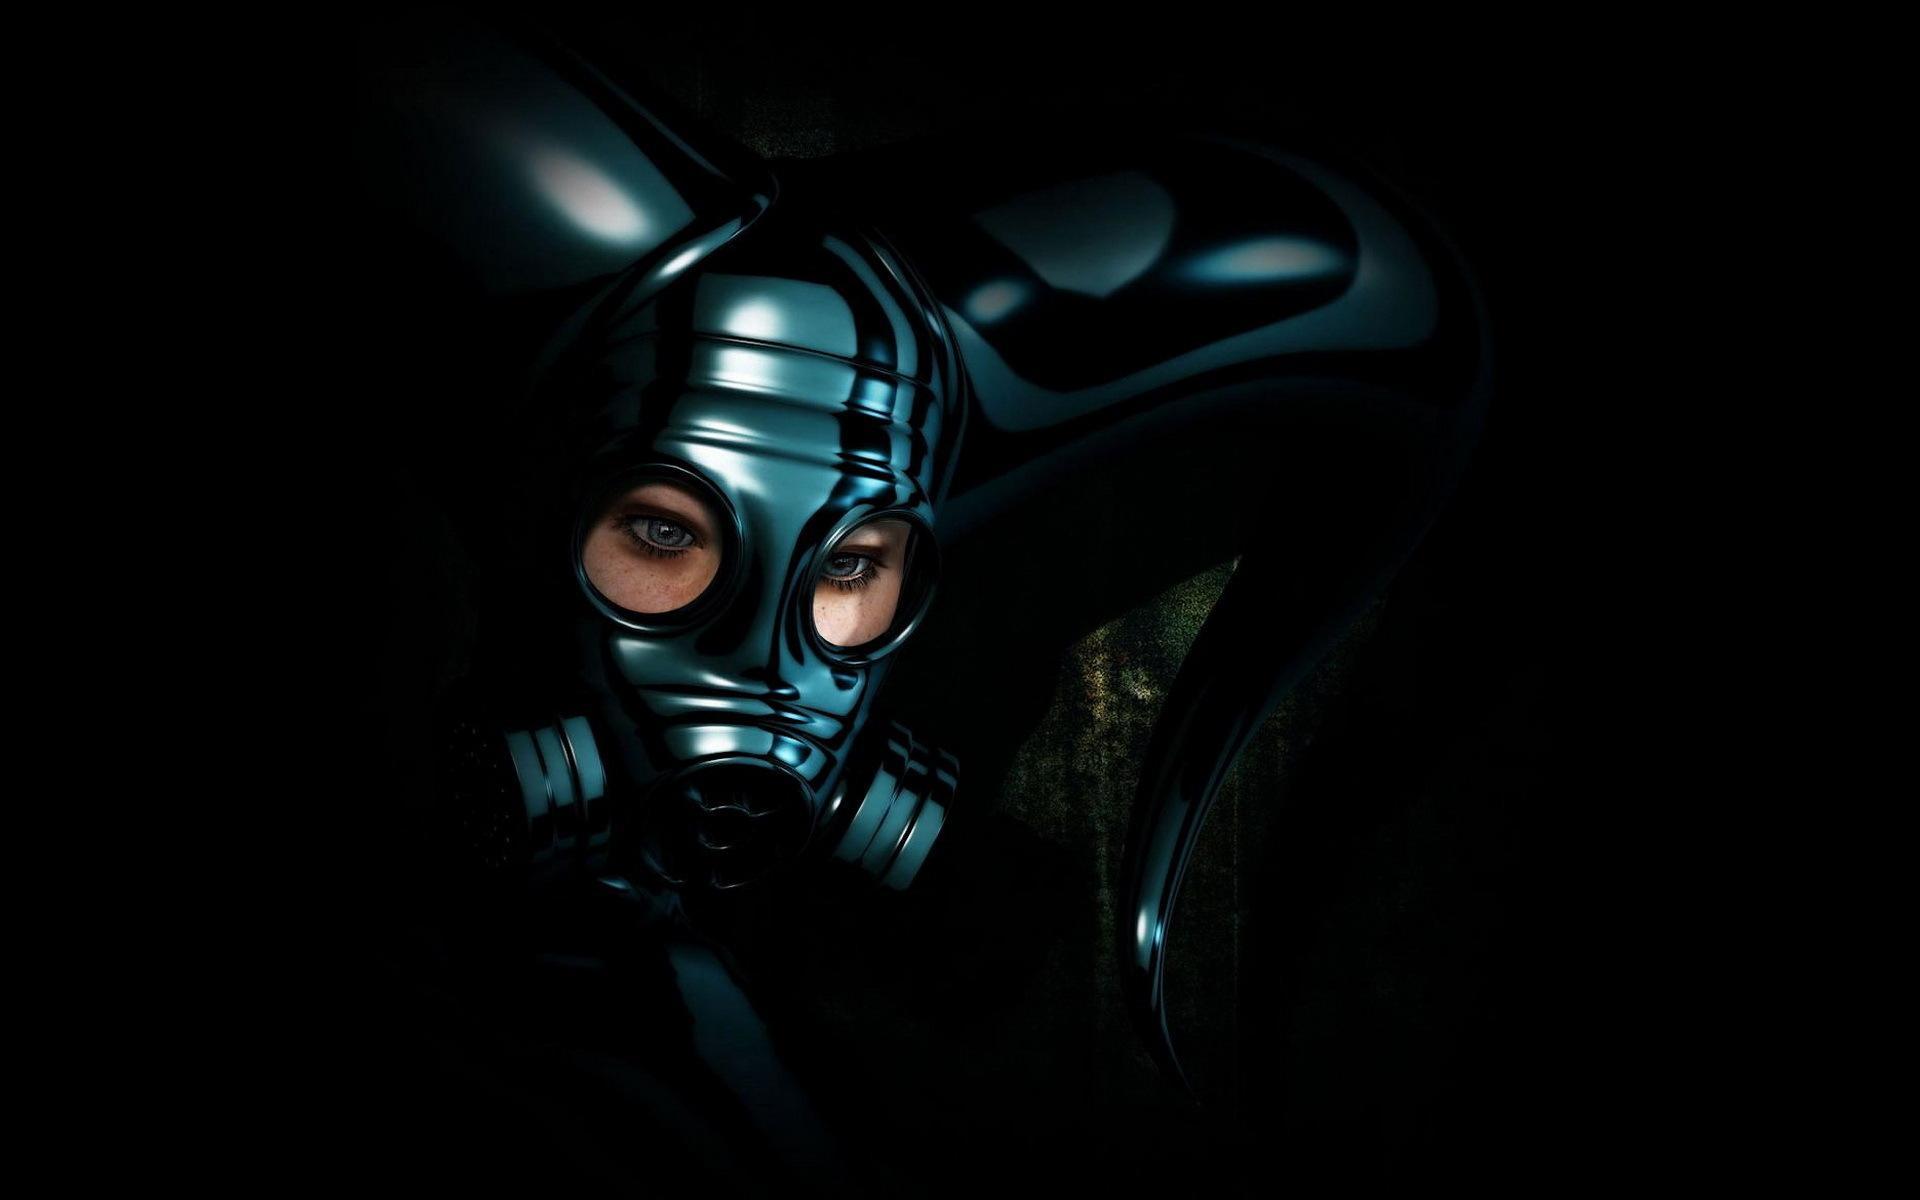 Девушка шлем глаза